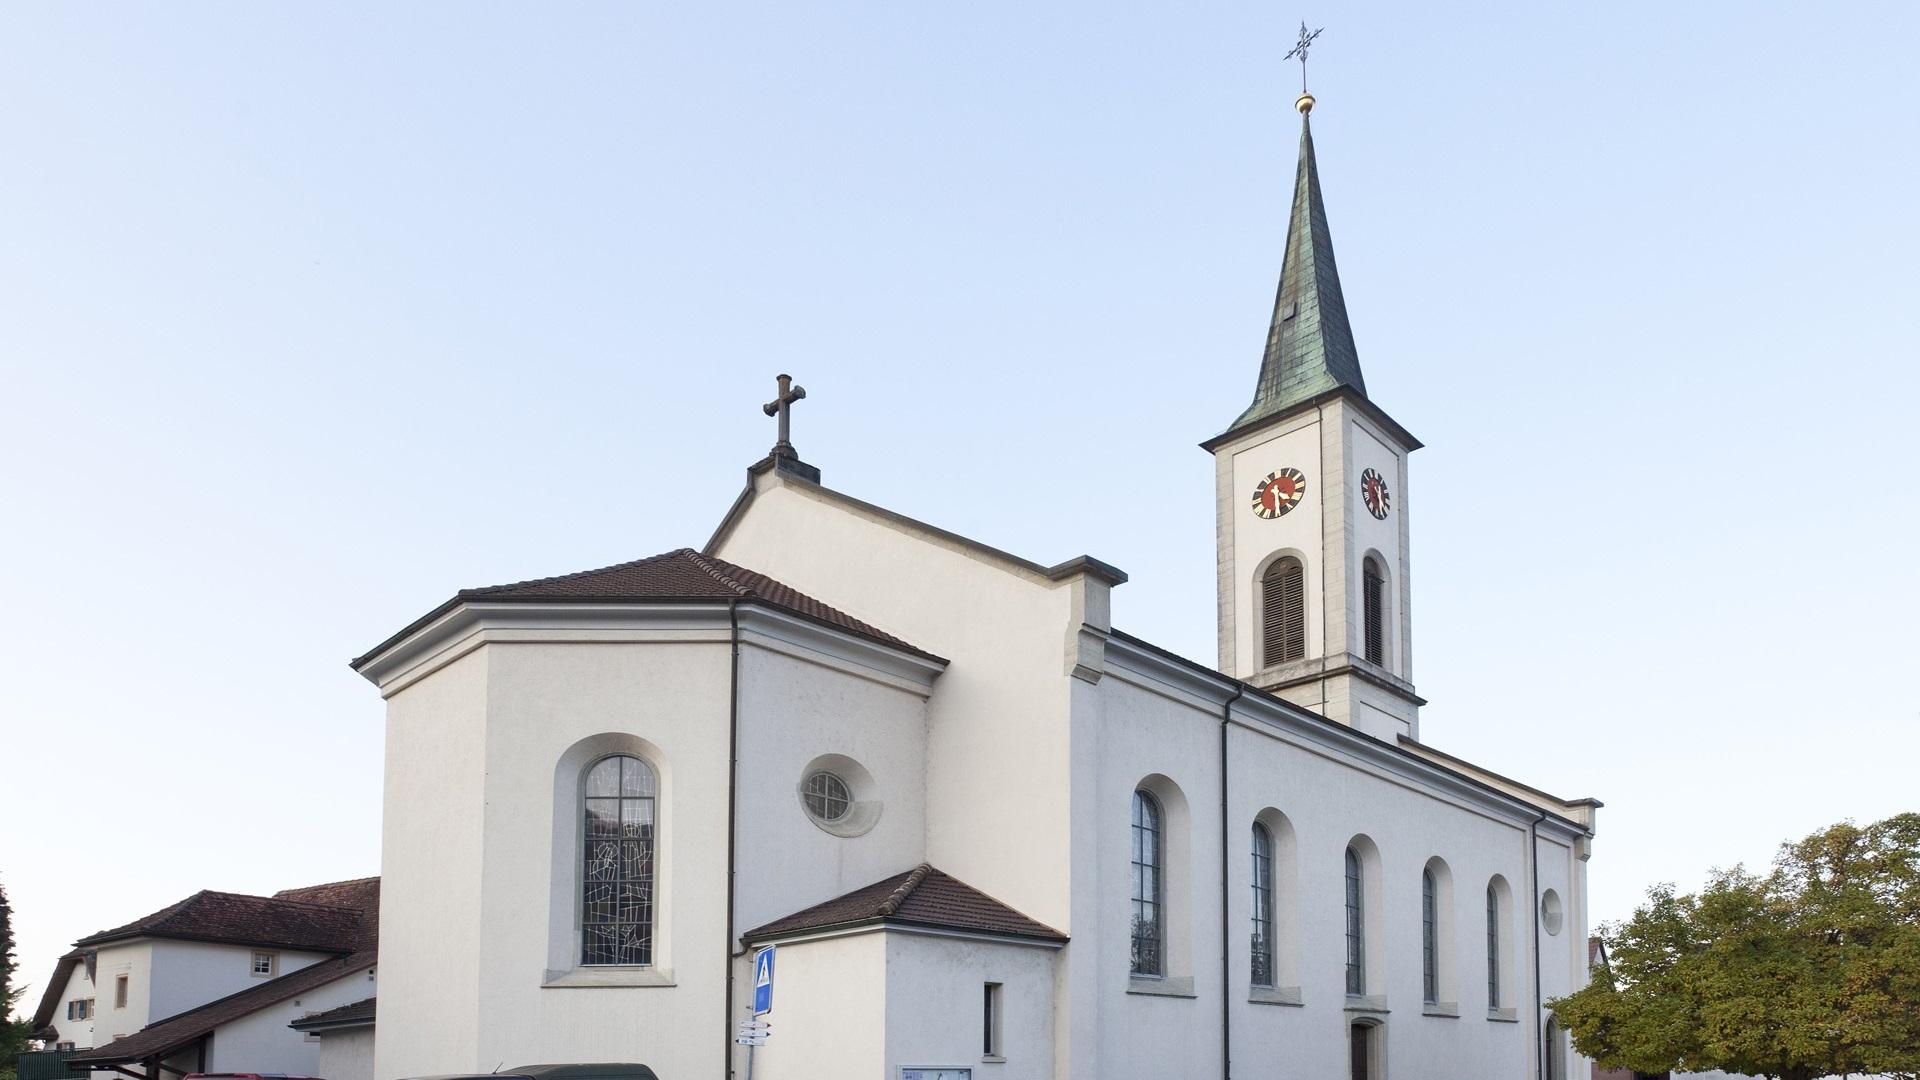 Eiken, St. Vinzenz | © Roger Wehrli